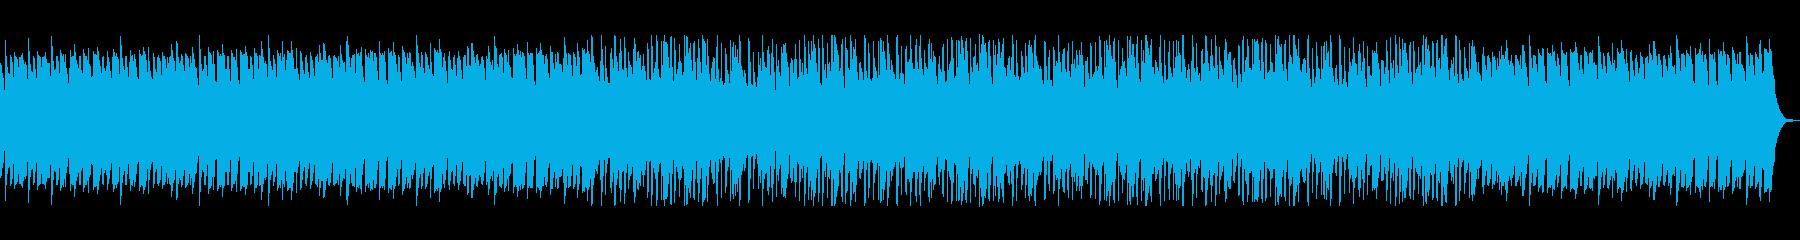 ふんわりした滑らかなヒーリングの曲の再生済みの波形